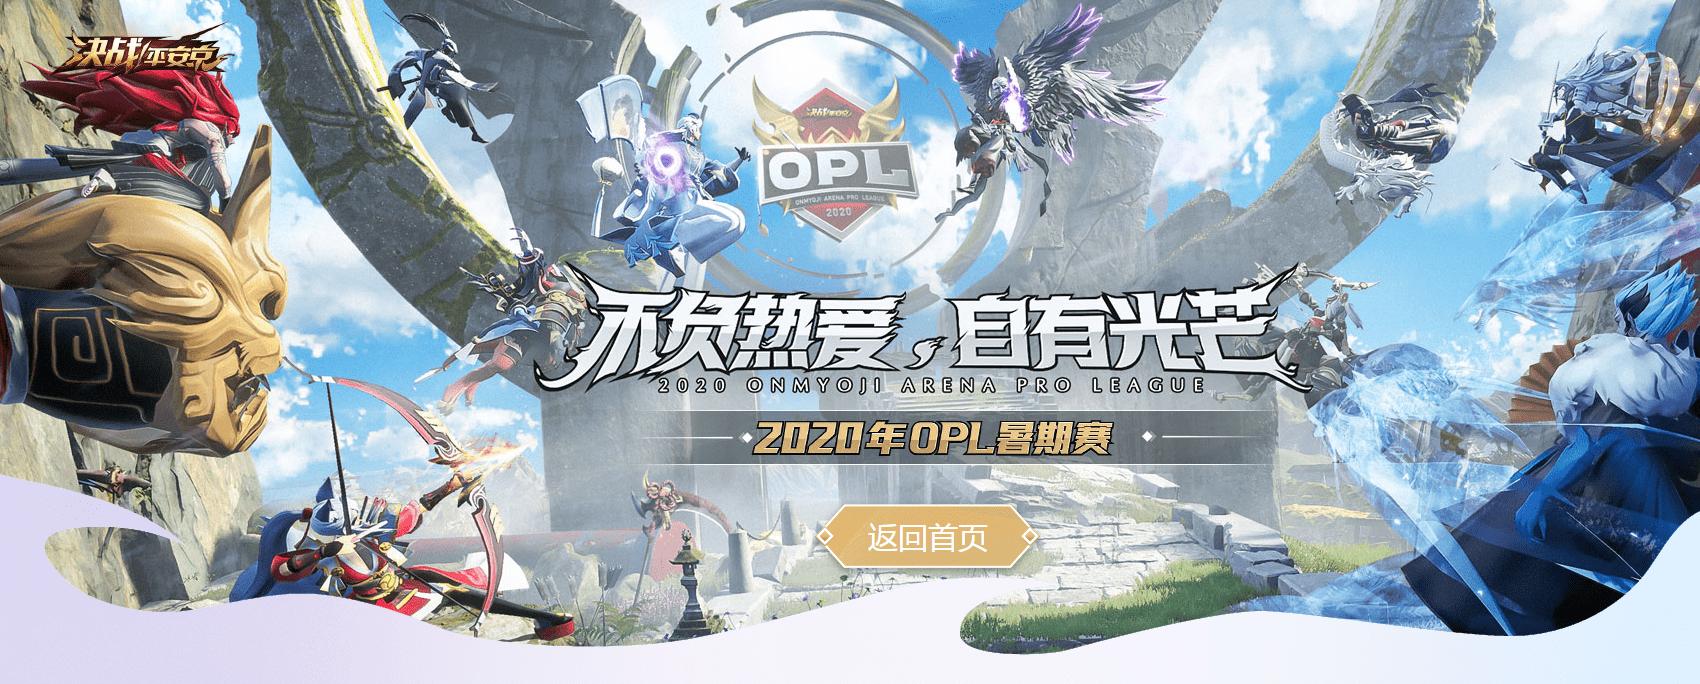 决战!平安京OPL暑期总决赛赛前分析,即将决战,谁能摘得王冠!